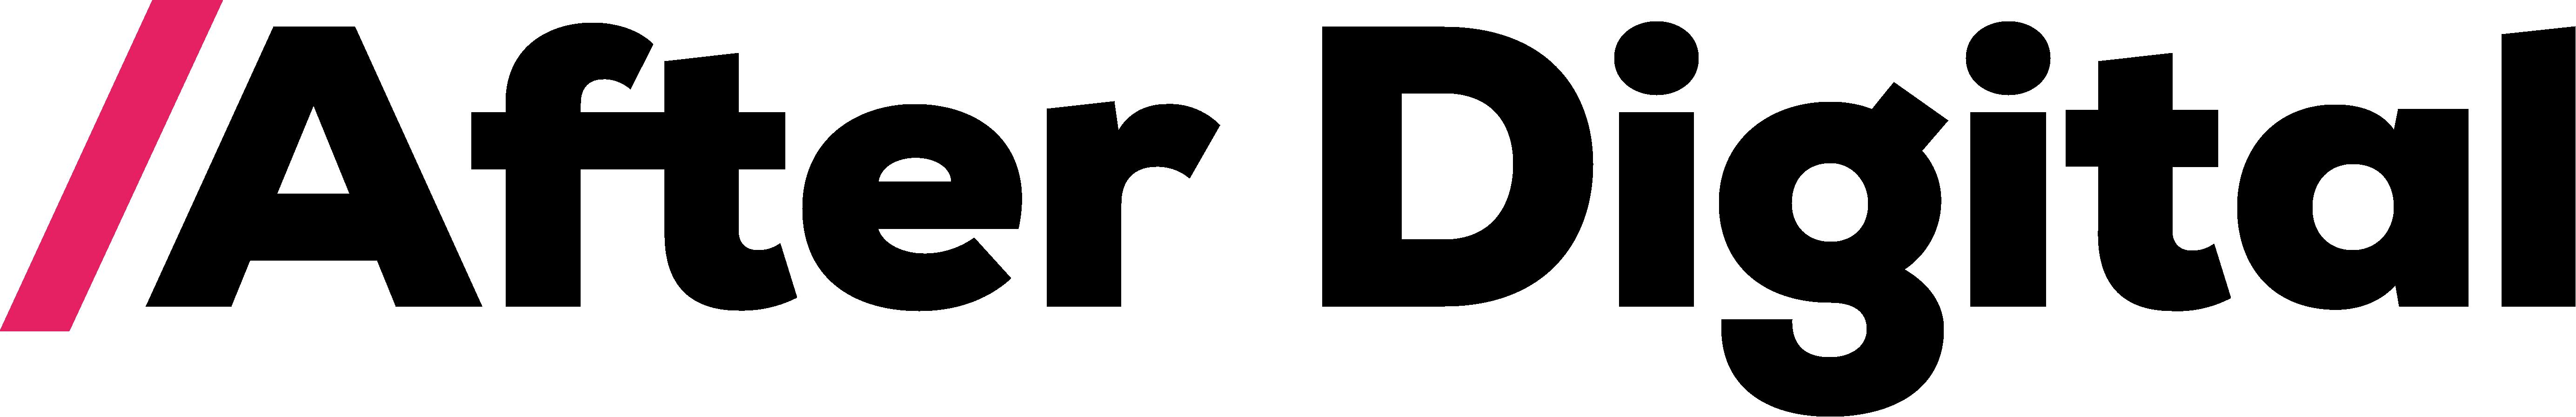 Image showing After Digital